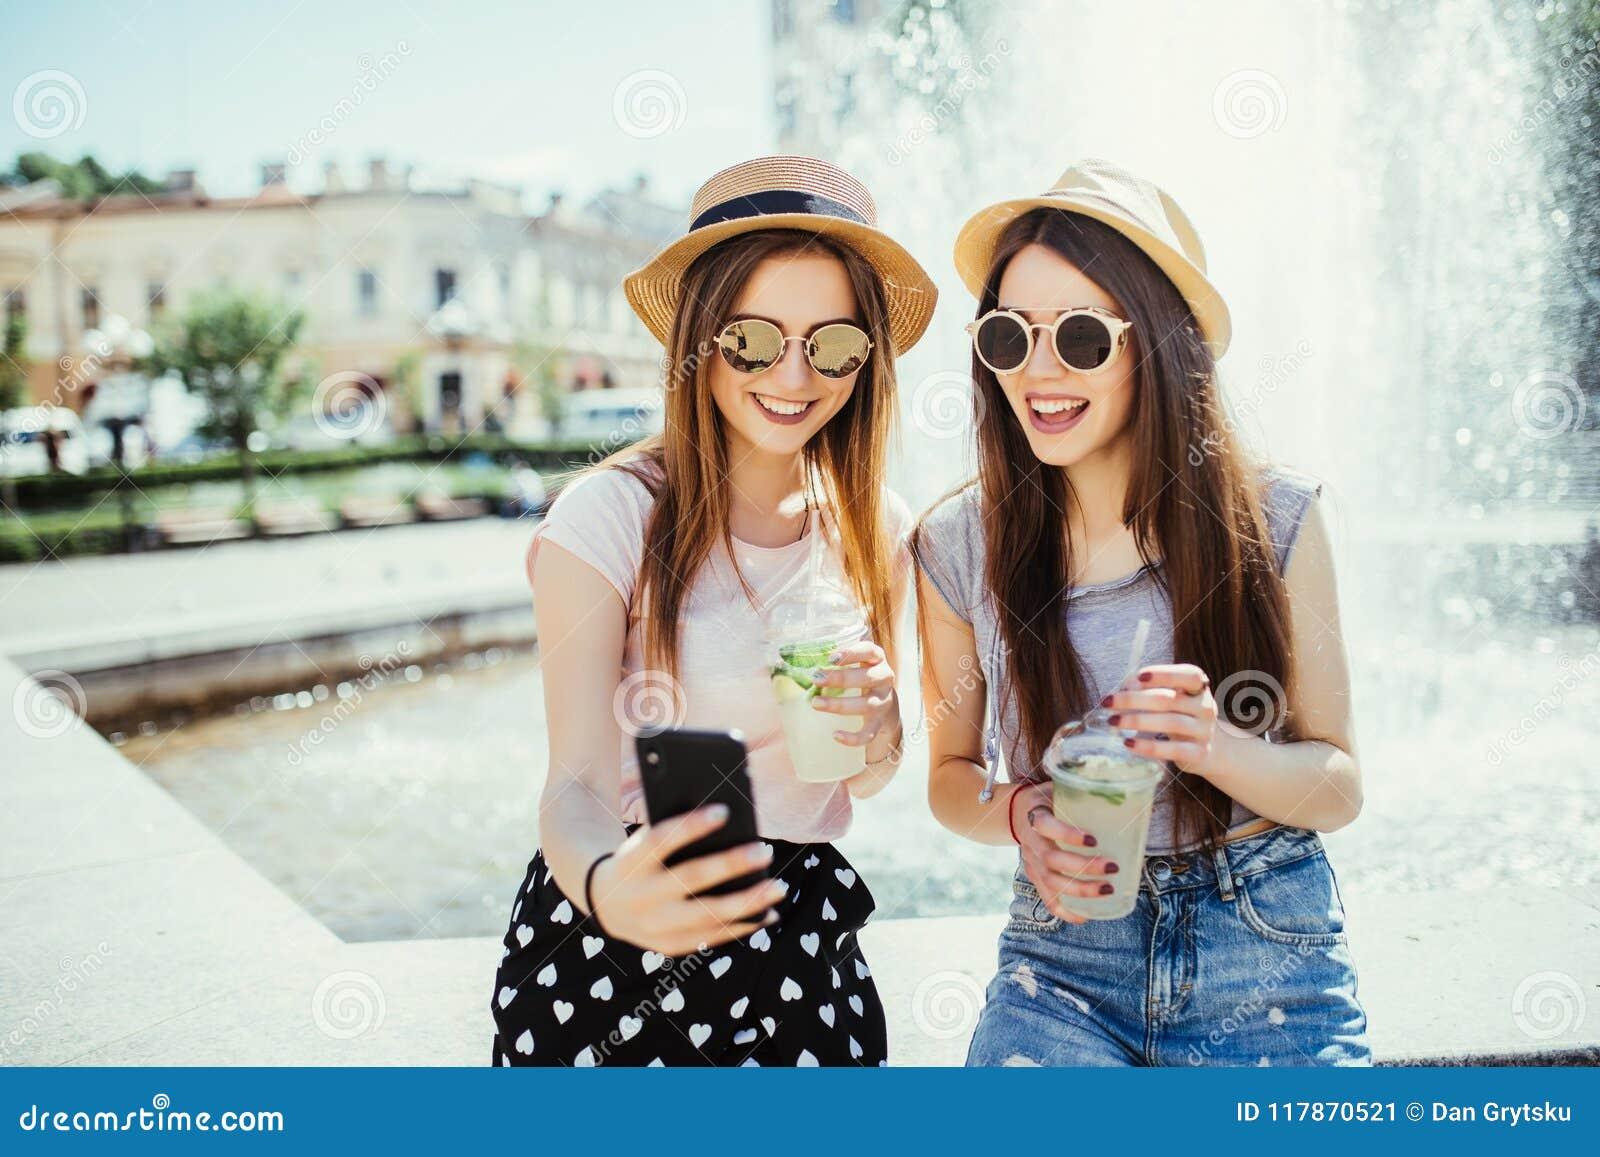 Фото довольных 2 женщин смешанной гонки получает хорошие новости на мобильном телефоне, получает электронную почту или сделать se